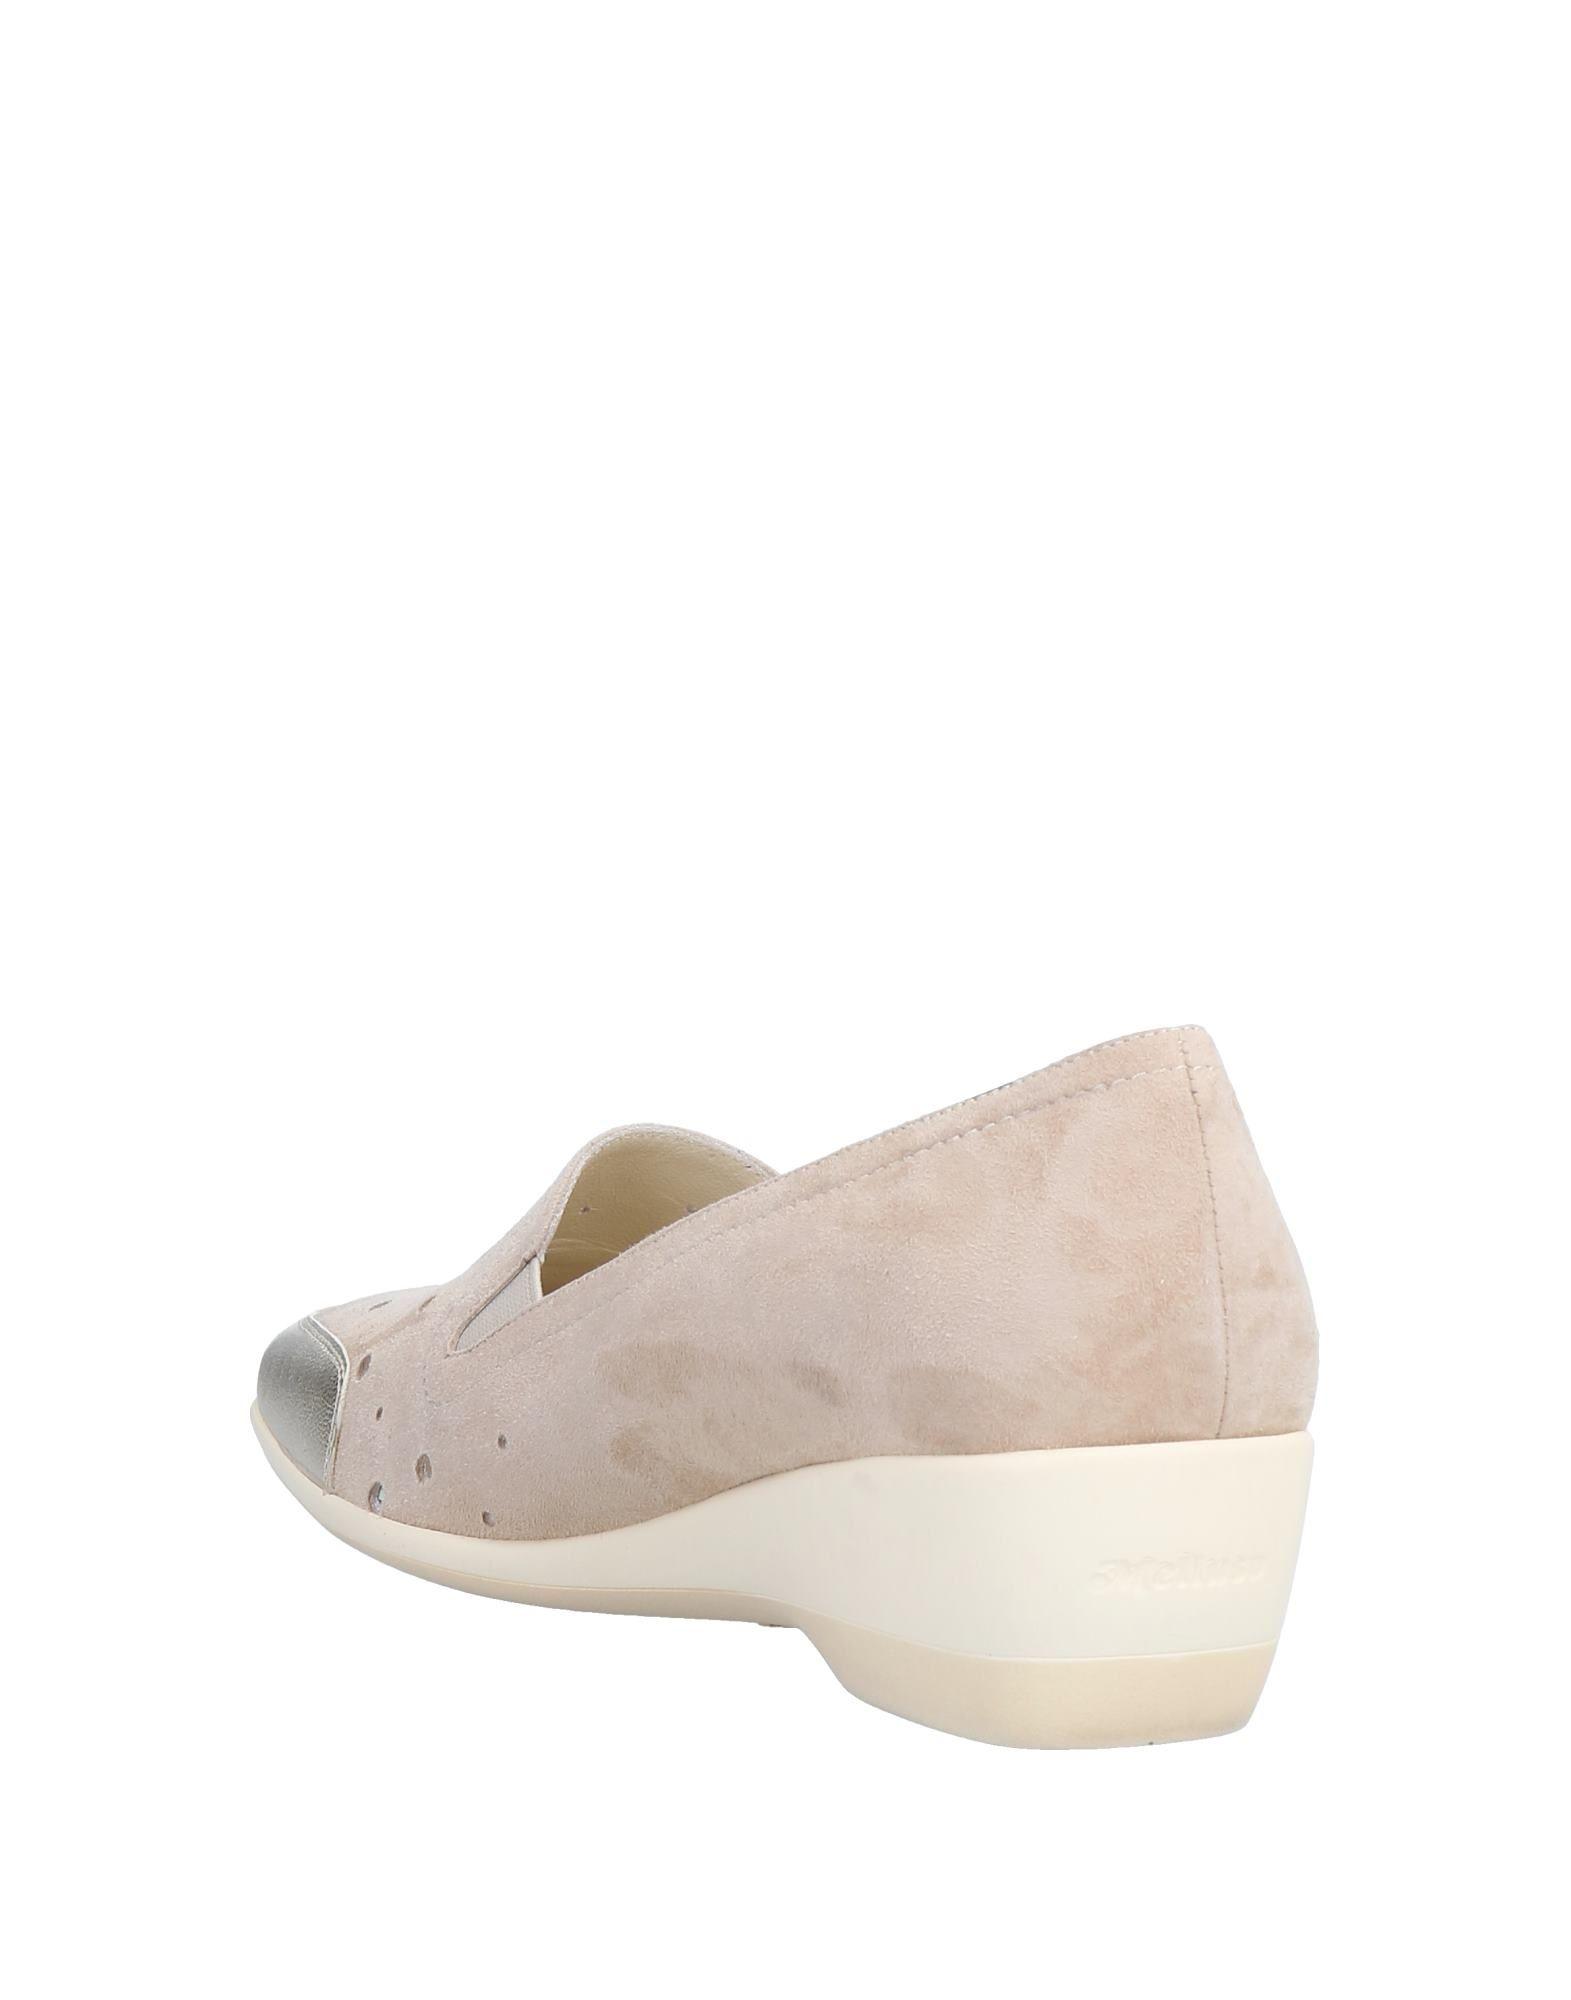 Melluso Mokassins Qualität Damen  11590810XI Gute Qualität Mokassins beliebte Schuhe 5798a0